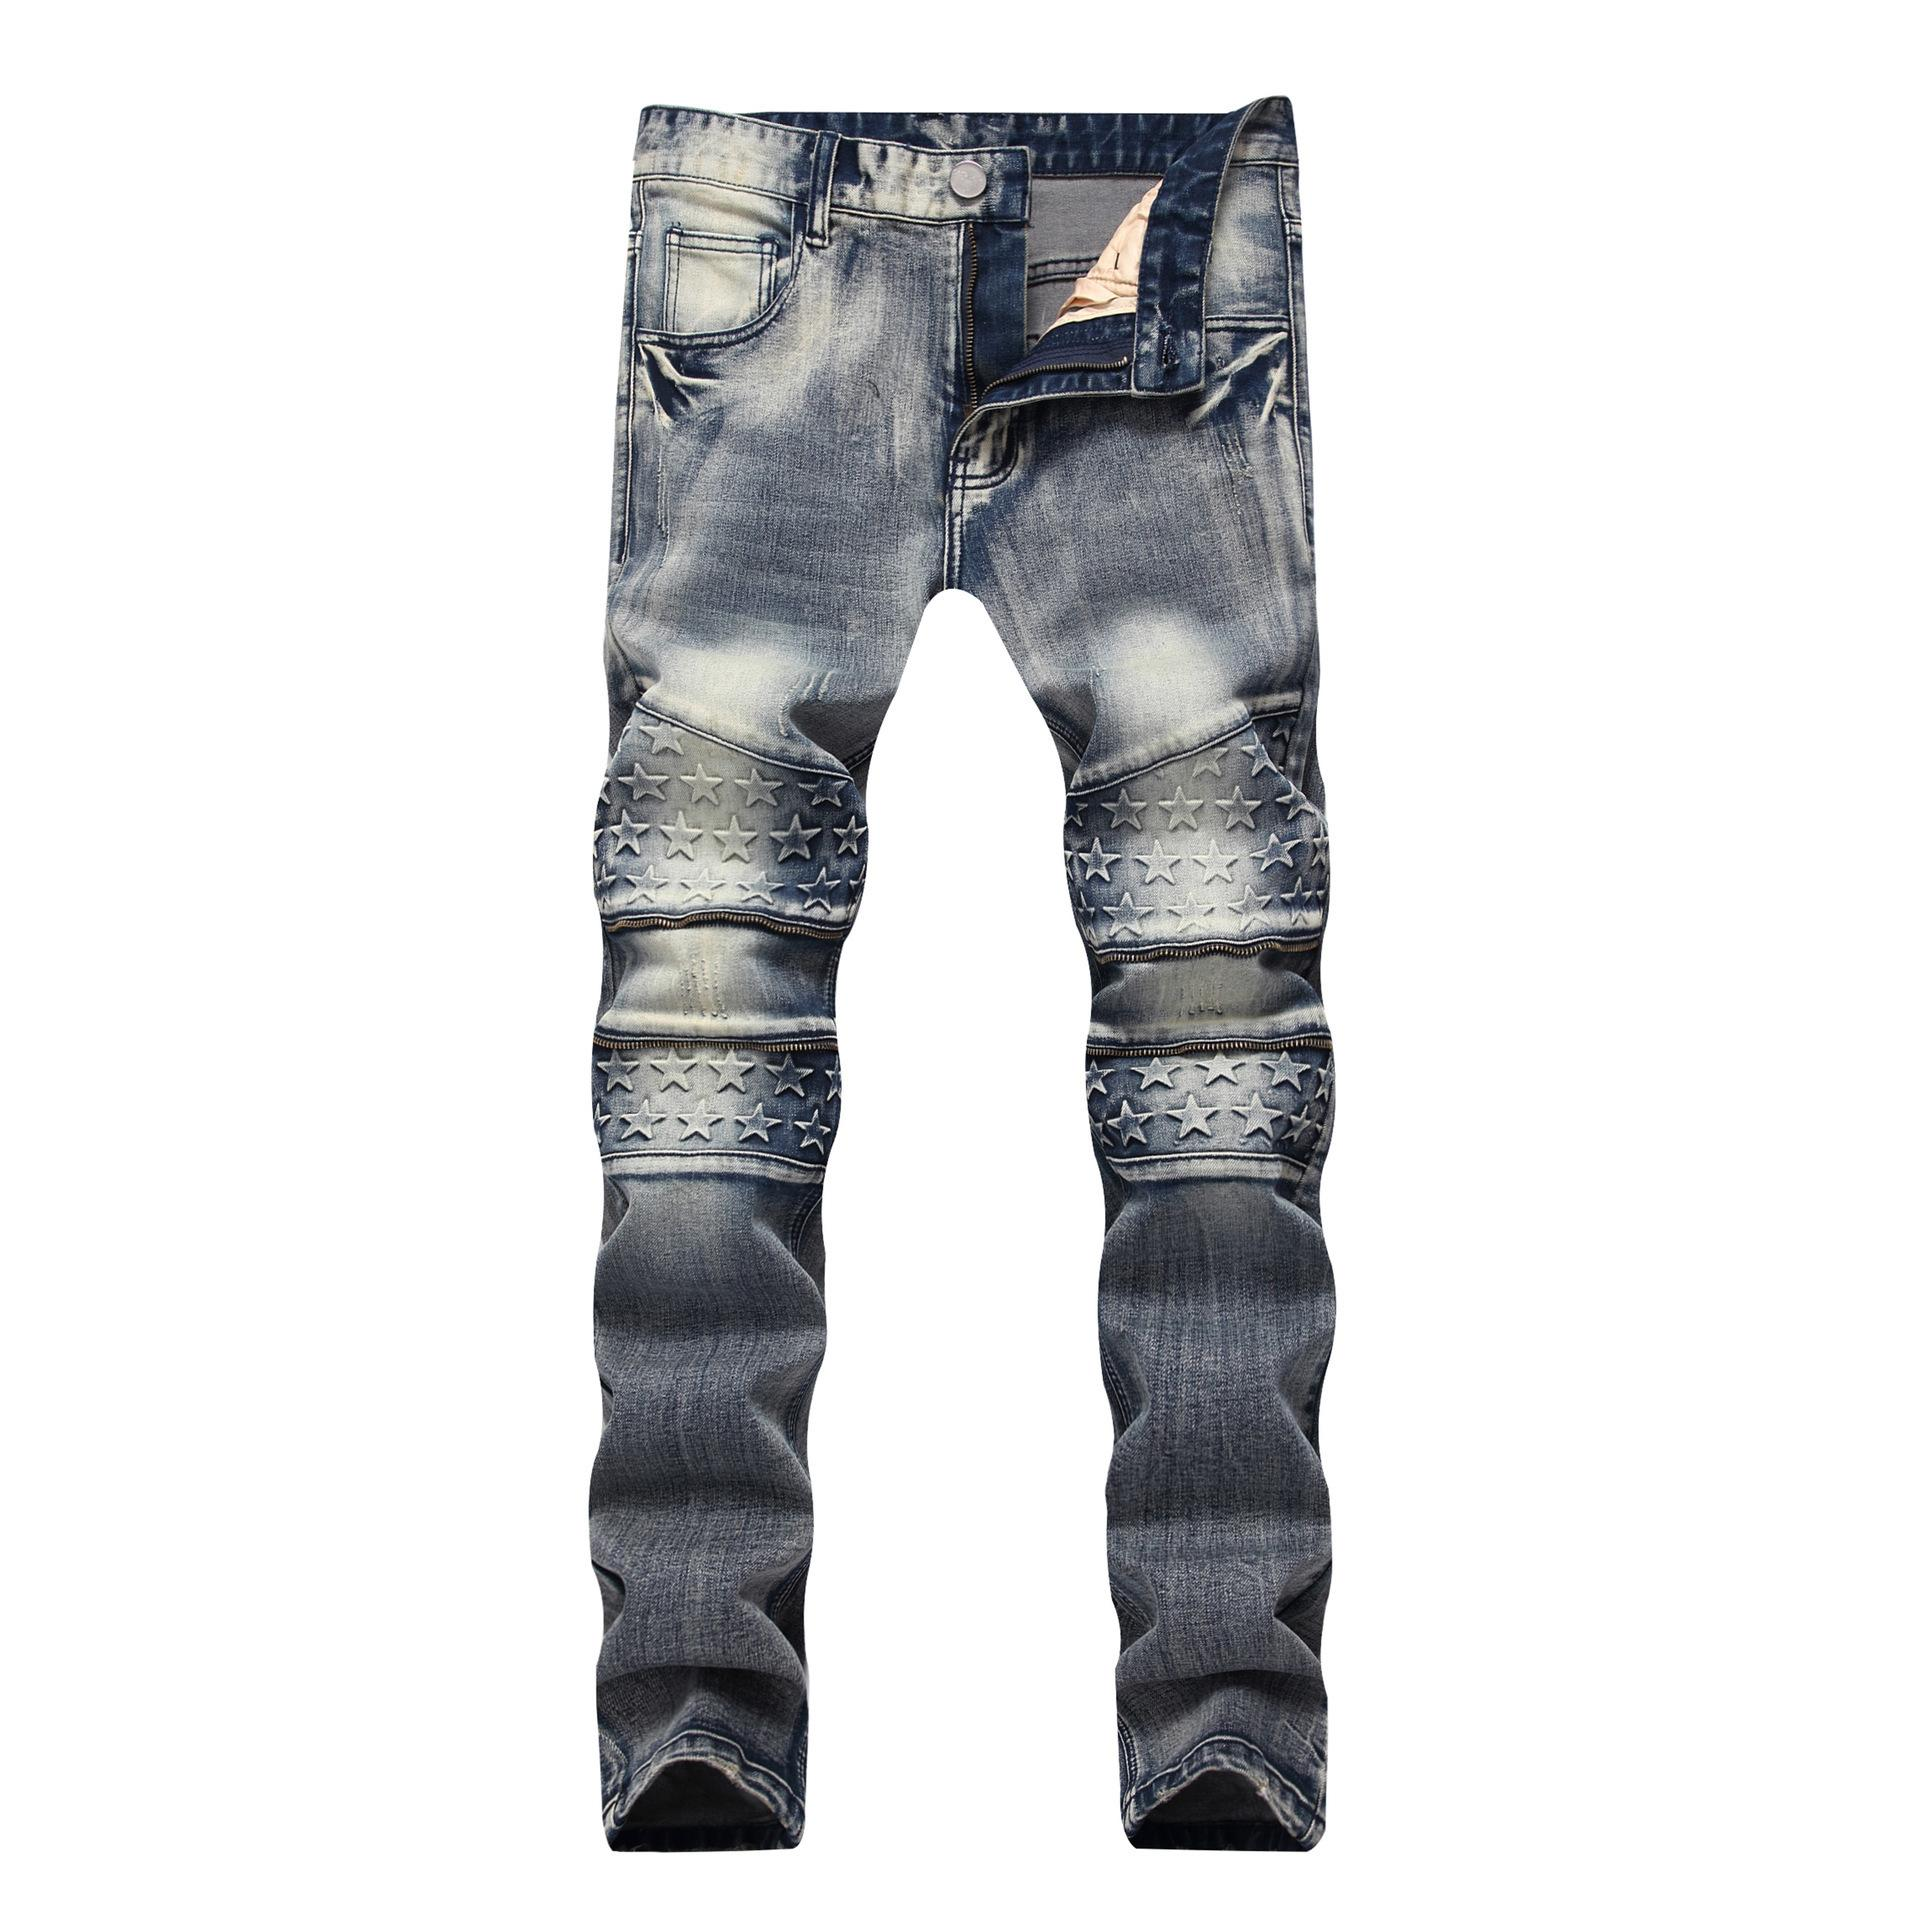 mens jeans firmati decorazione della chiusura lampo pantaloni jeans elastici diritti sottili grandi dimensioni